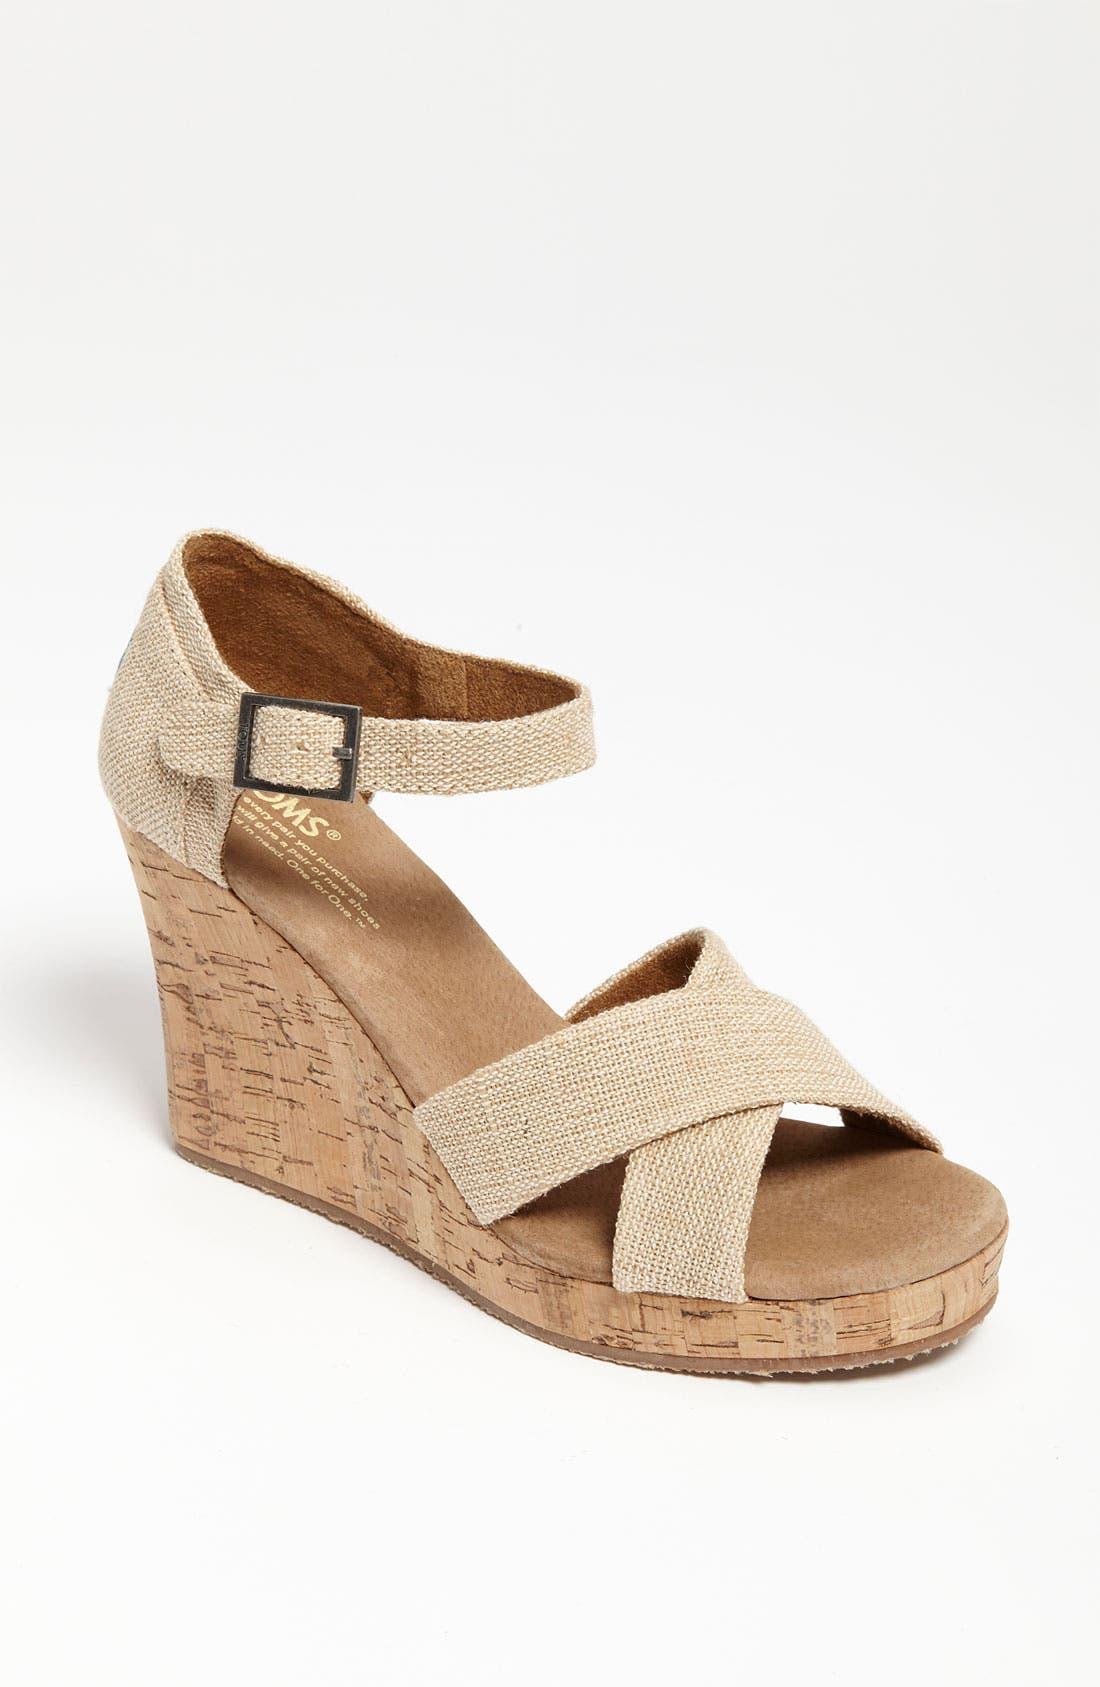 Main Image - TOMS 'Sierra' Wedge Sandal